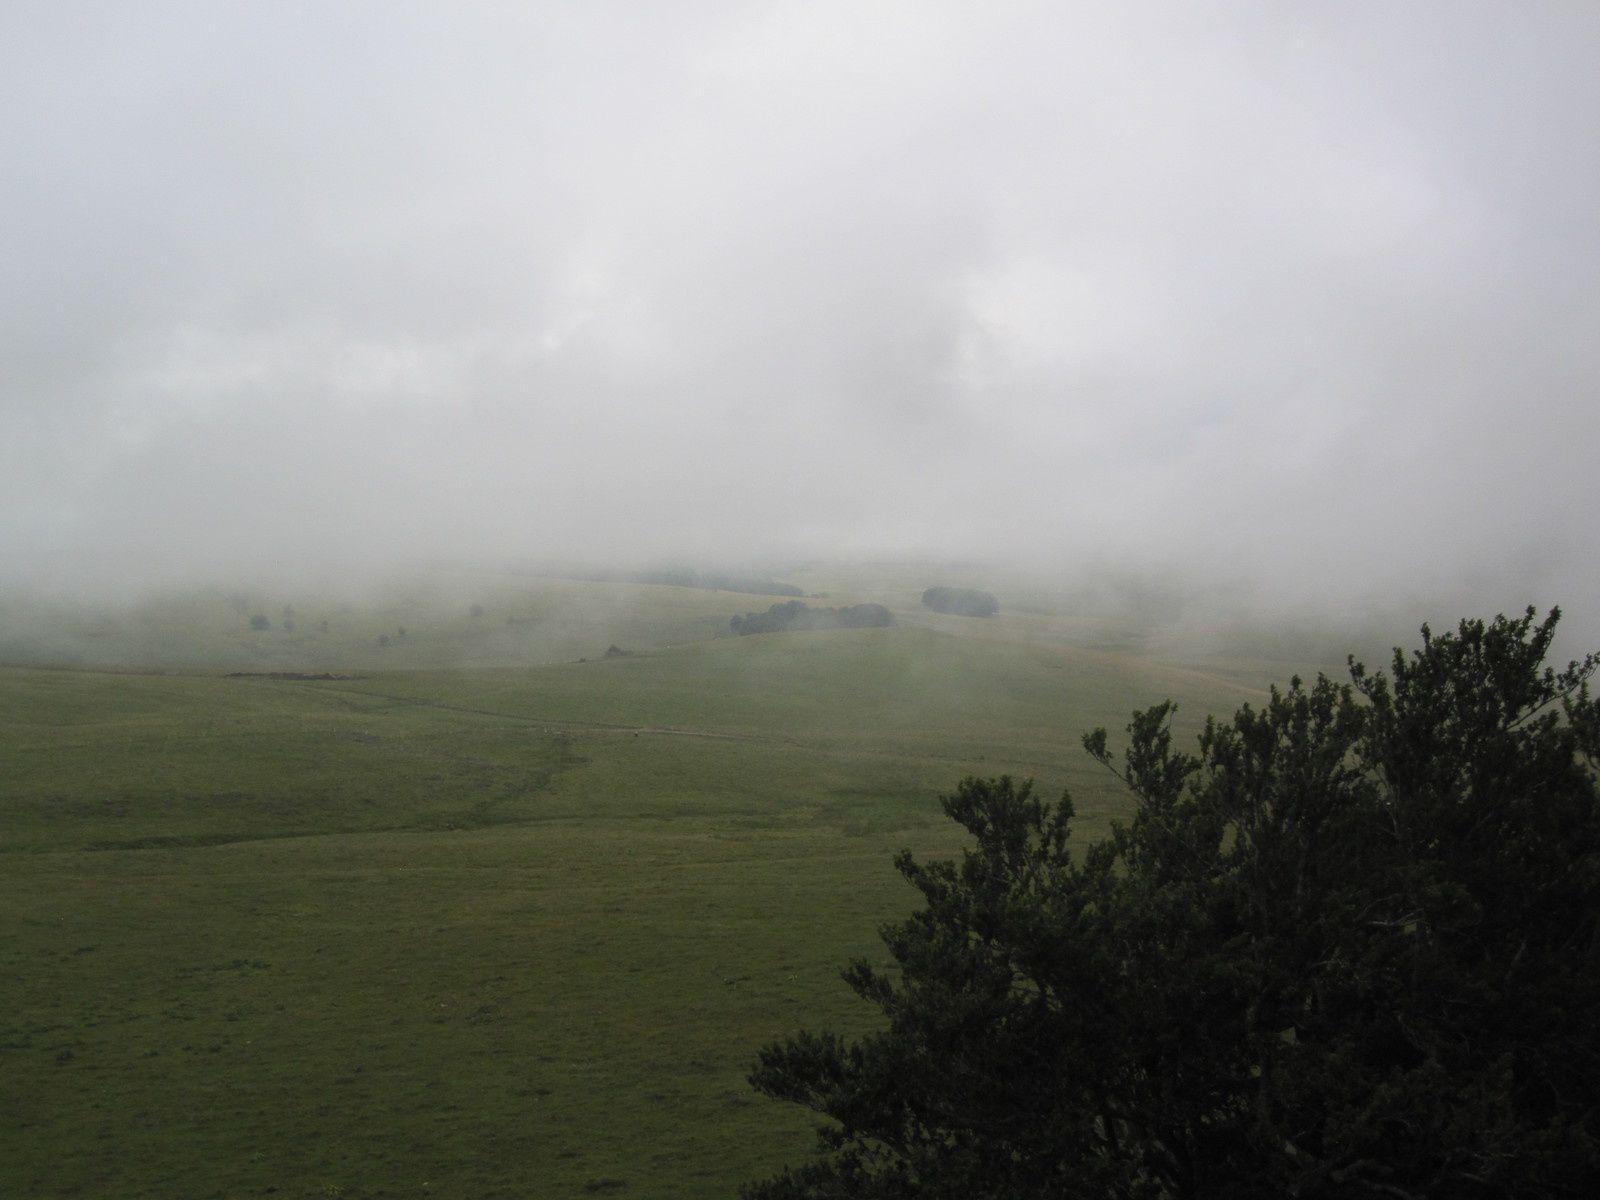 nous profitons du magnifique paysage lorsque la brume se déplace